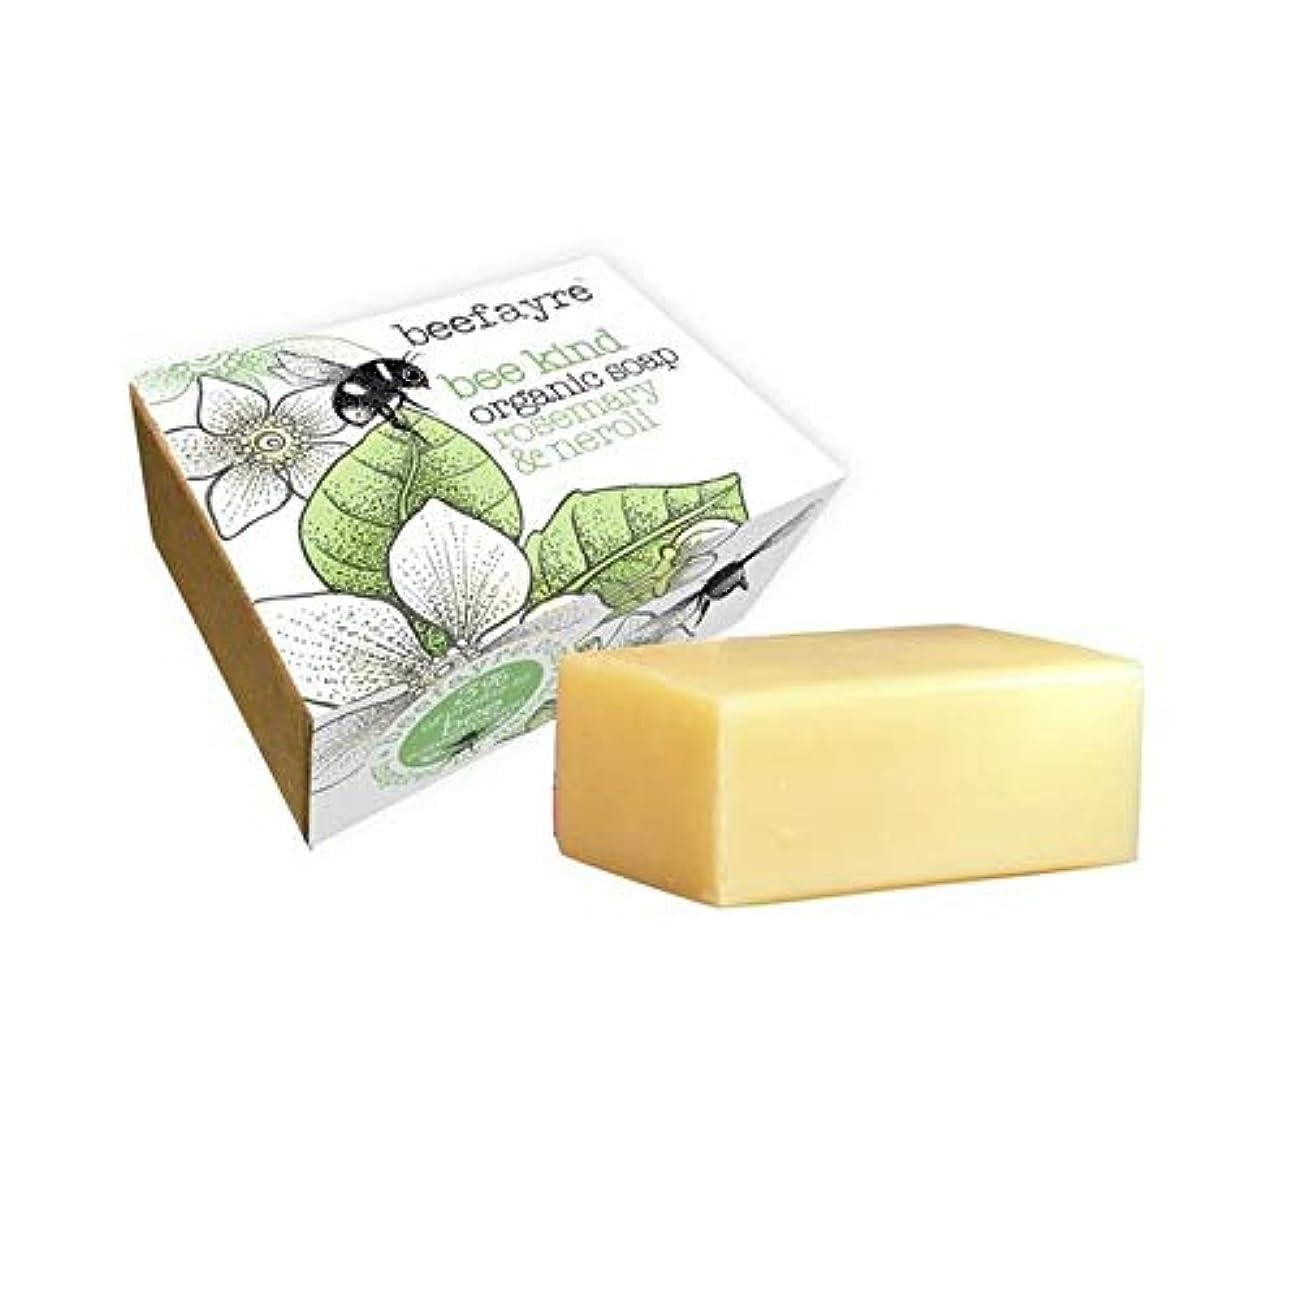 補正限界特徴づける[Beefayre] 有機ローズマリー&ネロリソープバー100グラムBeefayre - Beefayre Organic Rosemary & Neroli Soap Bar 100g [並行輸入品]